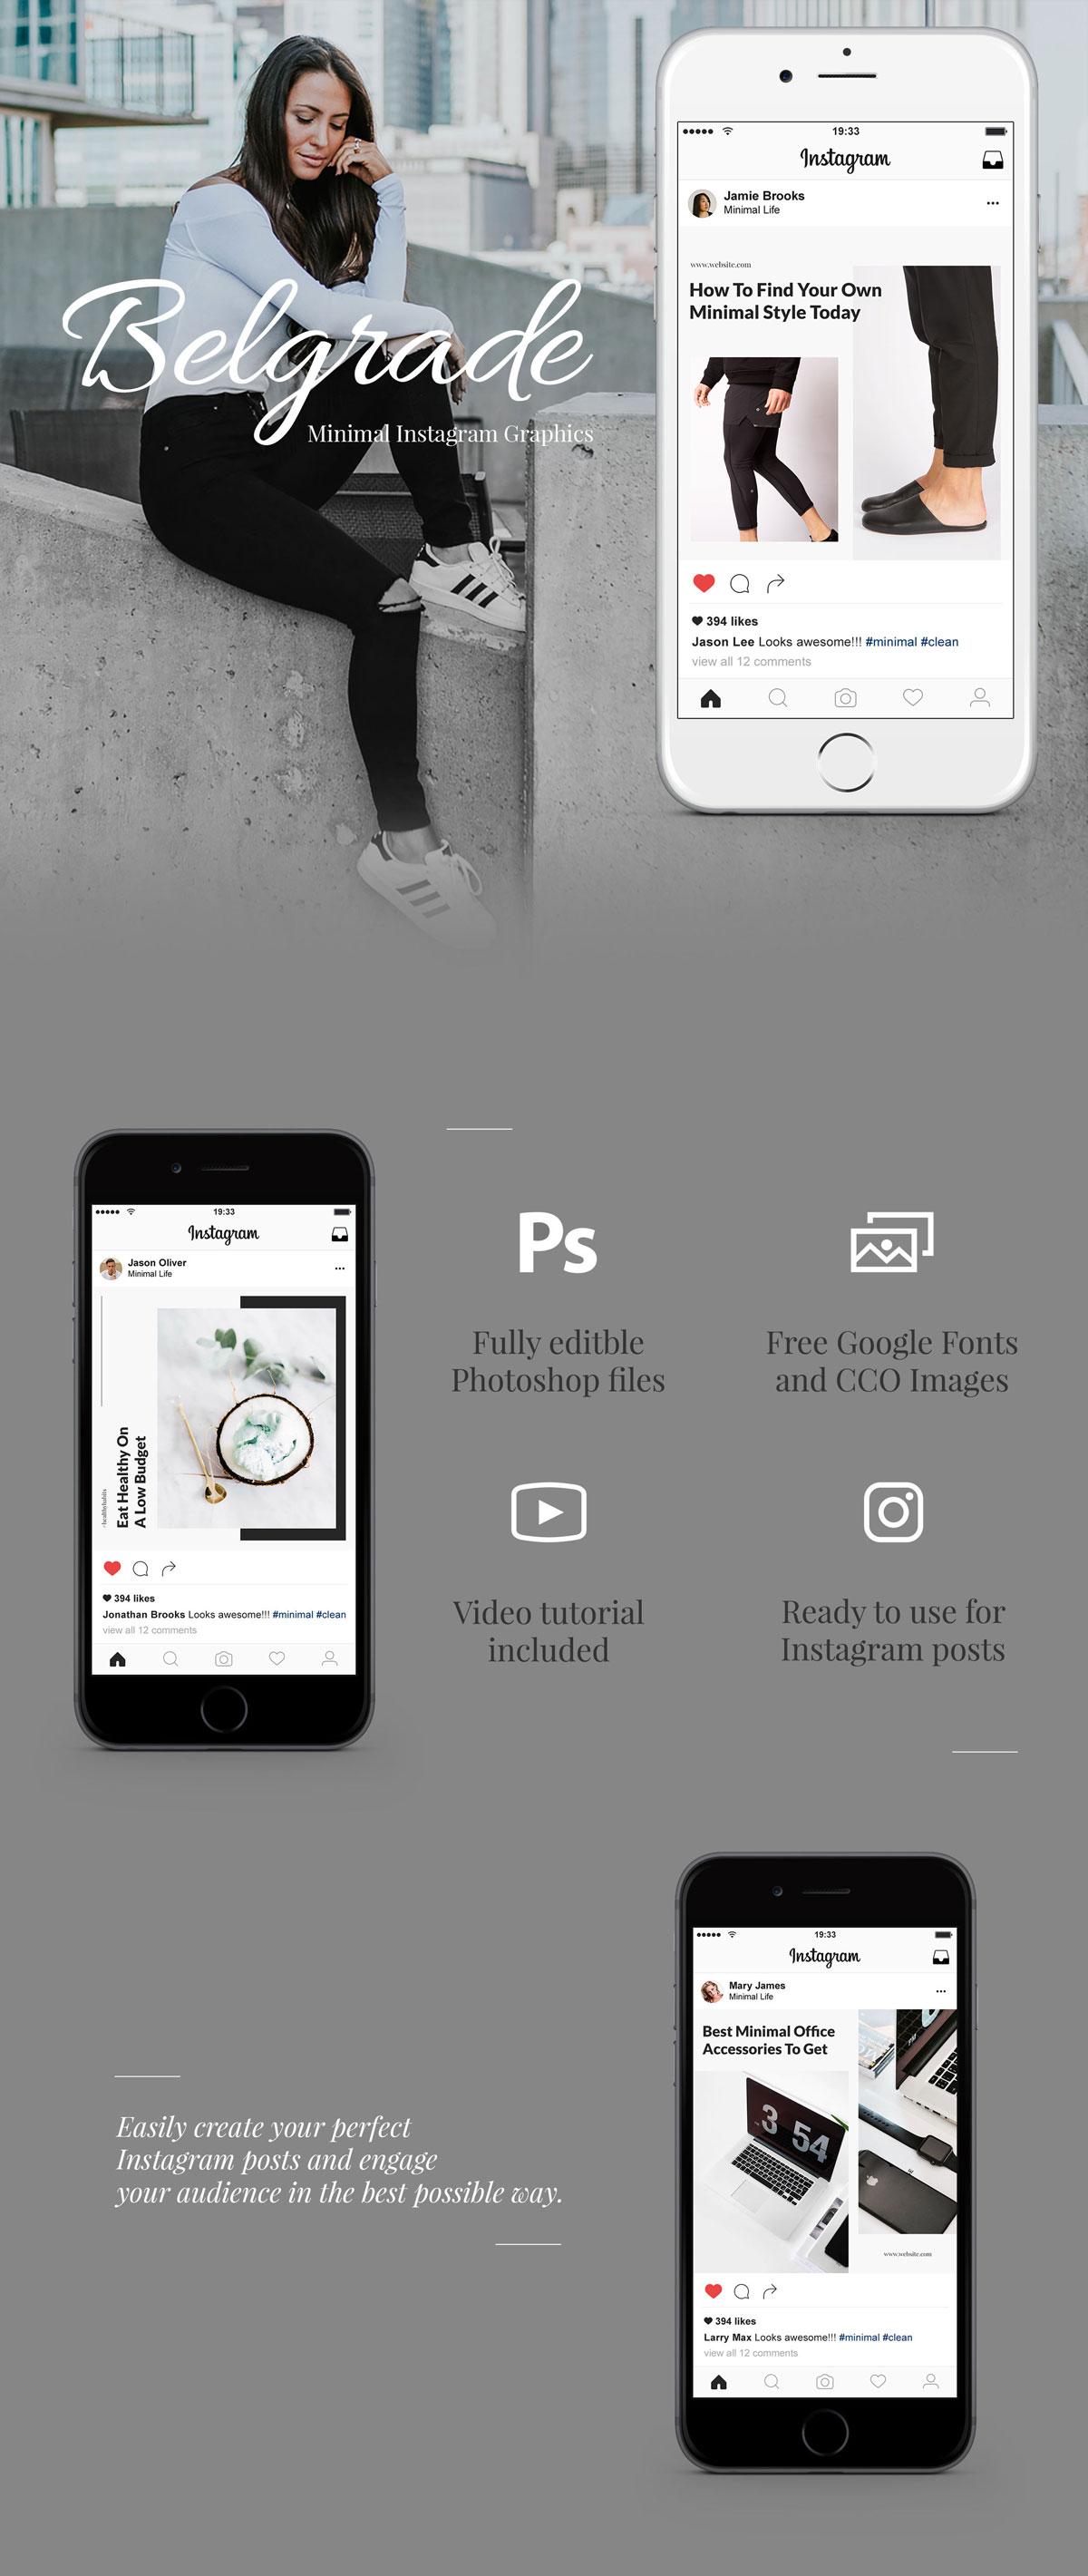 极简的女性服装电商营销朋友圈广告INS风模板 Belgrade Minimal Instagram Graphics插图